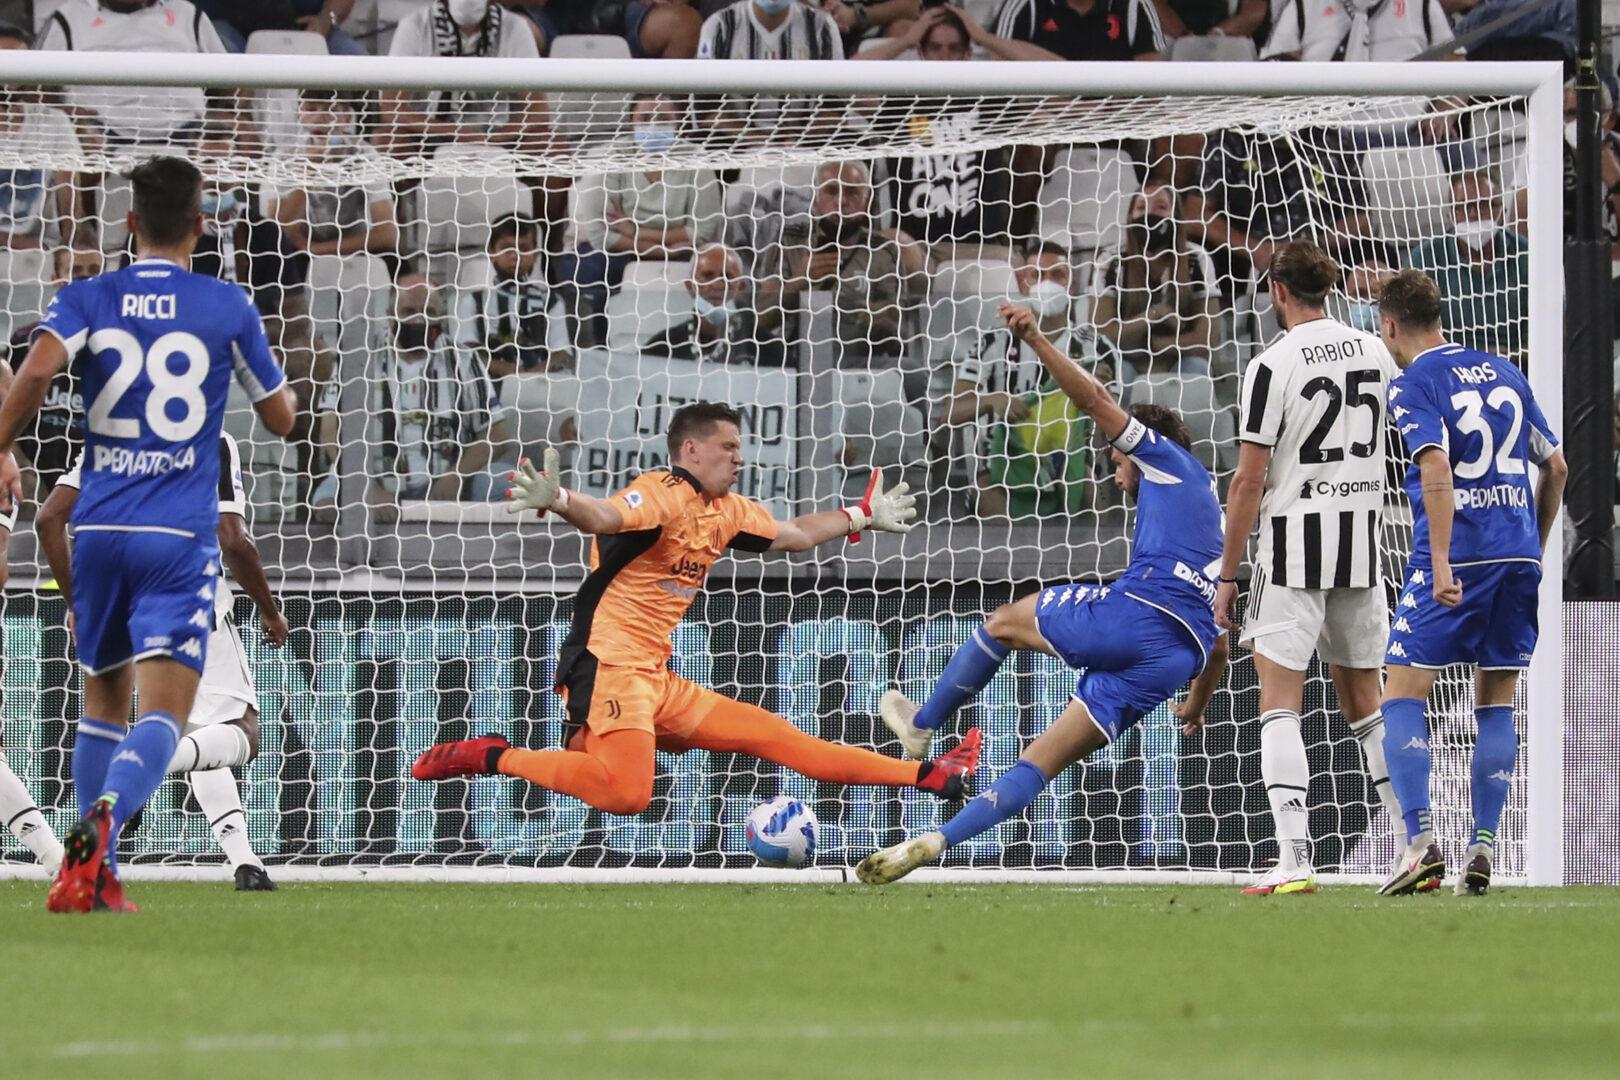 empoli trifft gegen Juventus